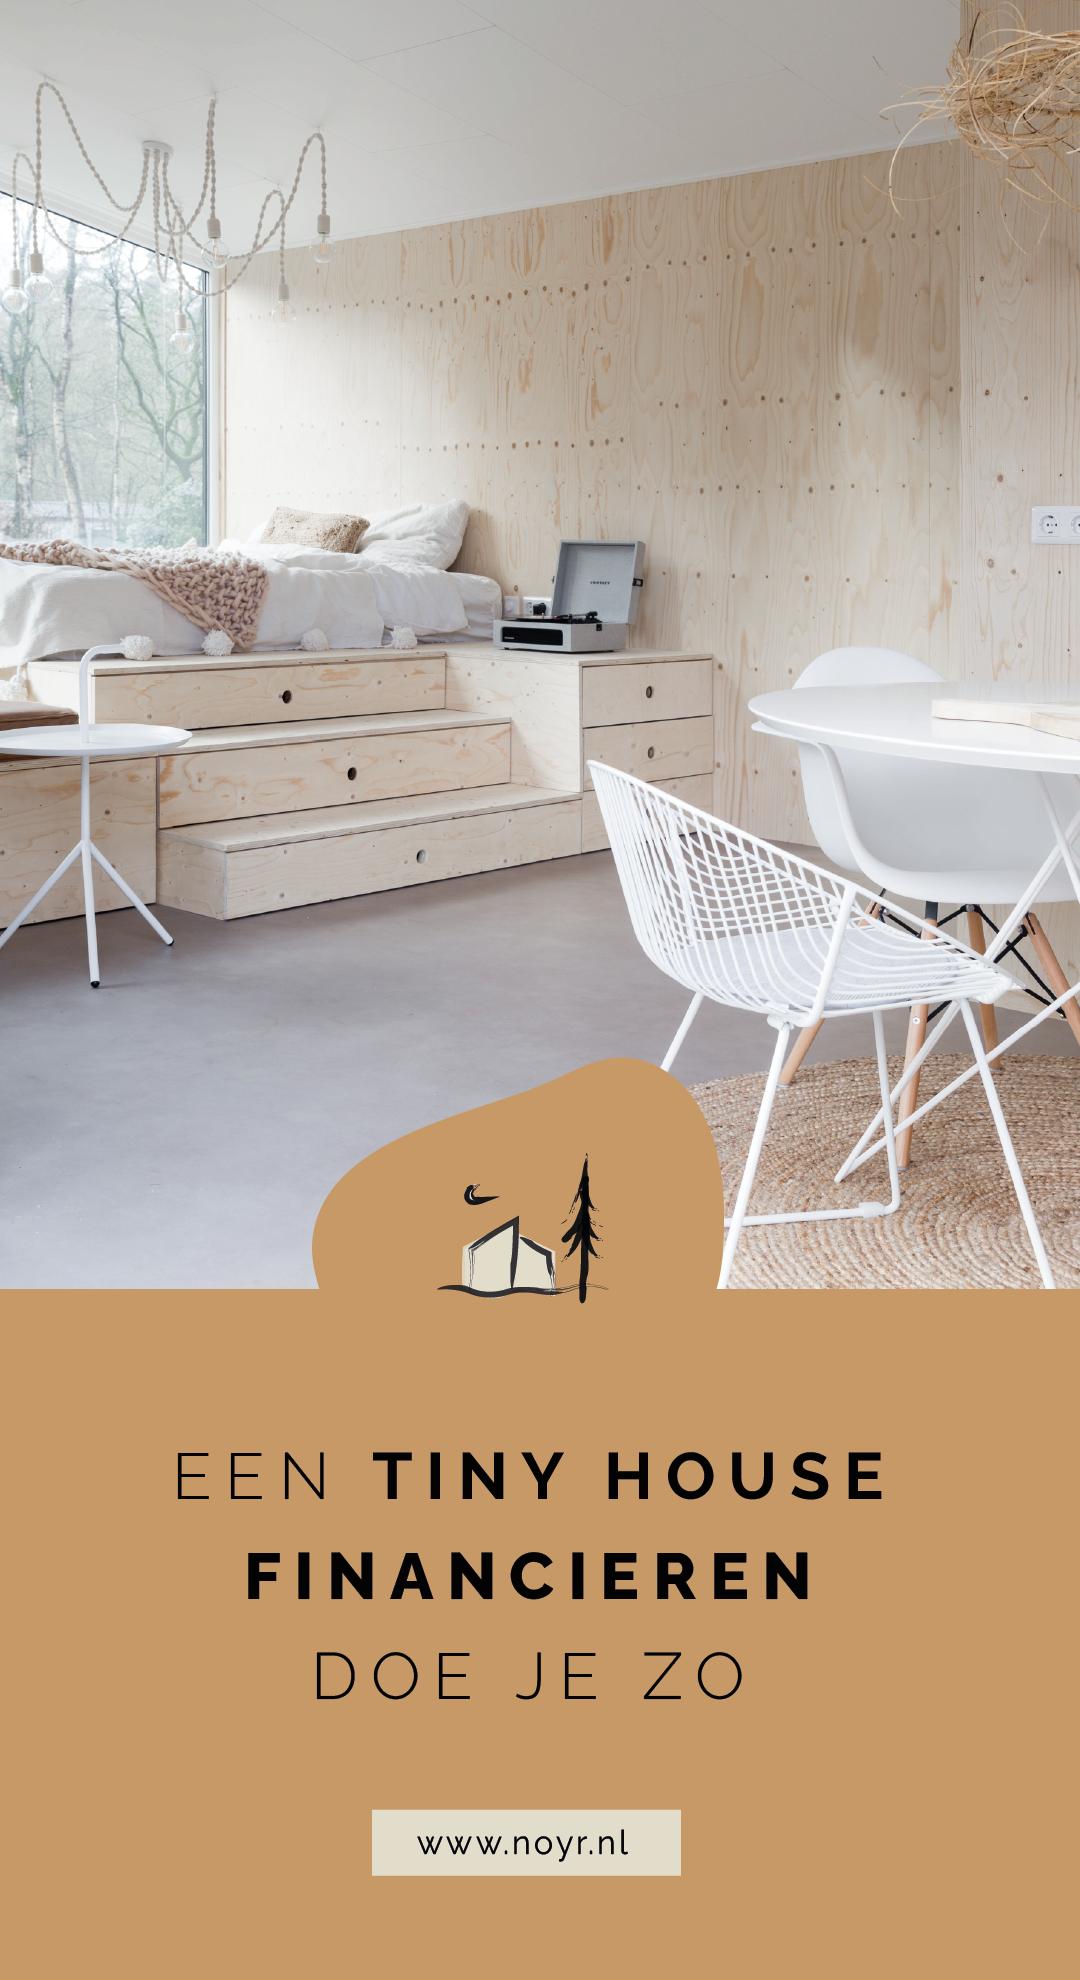 Een tiny house financieren doe je zo | Hypotheek tiny house | Financiering vakantiewoning